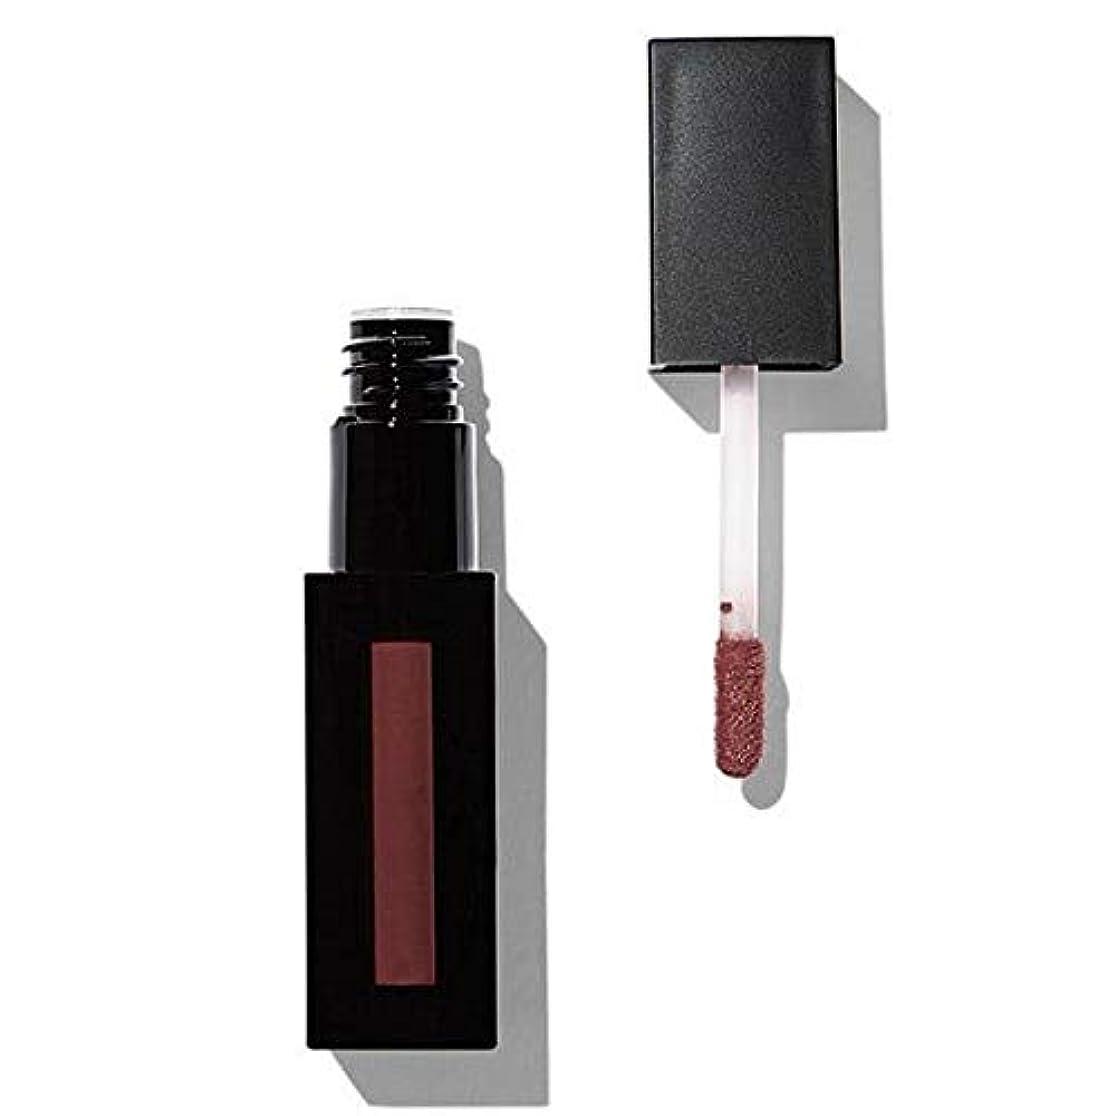 選択するケーブルカー成果[Revolution ] 革命プロ最高のマットリップ顔料錯覚 - Revolution Pro Supreme Matte Lip Pigment Illusion [並行輸入品]